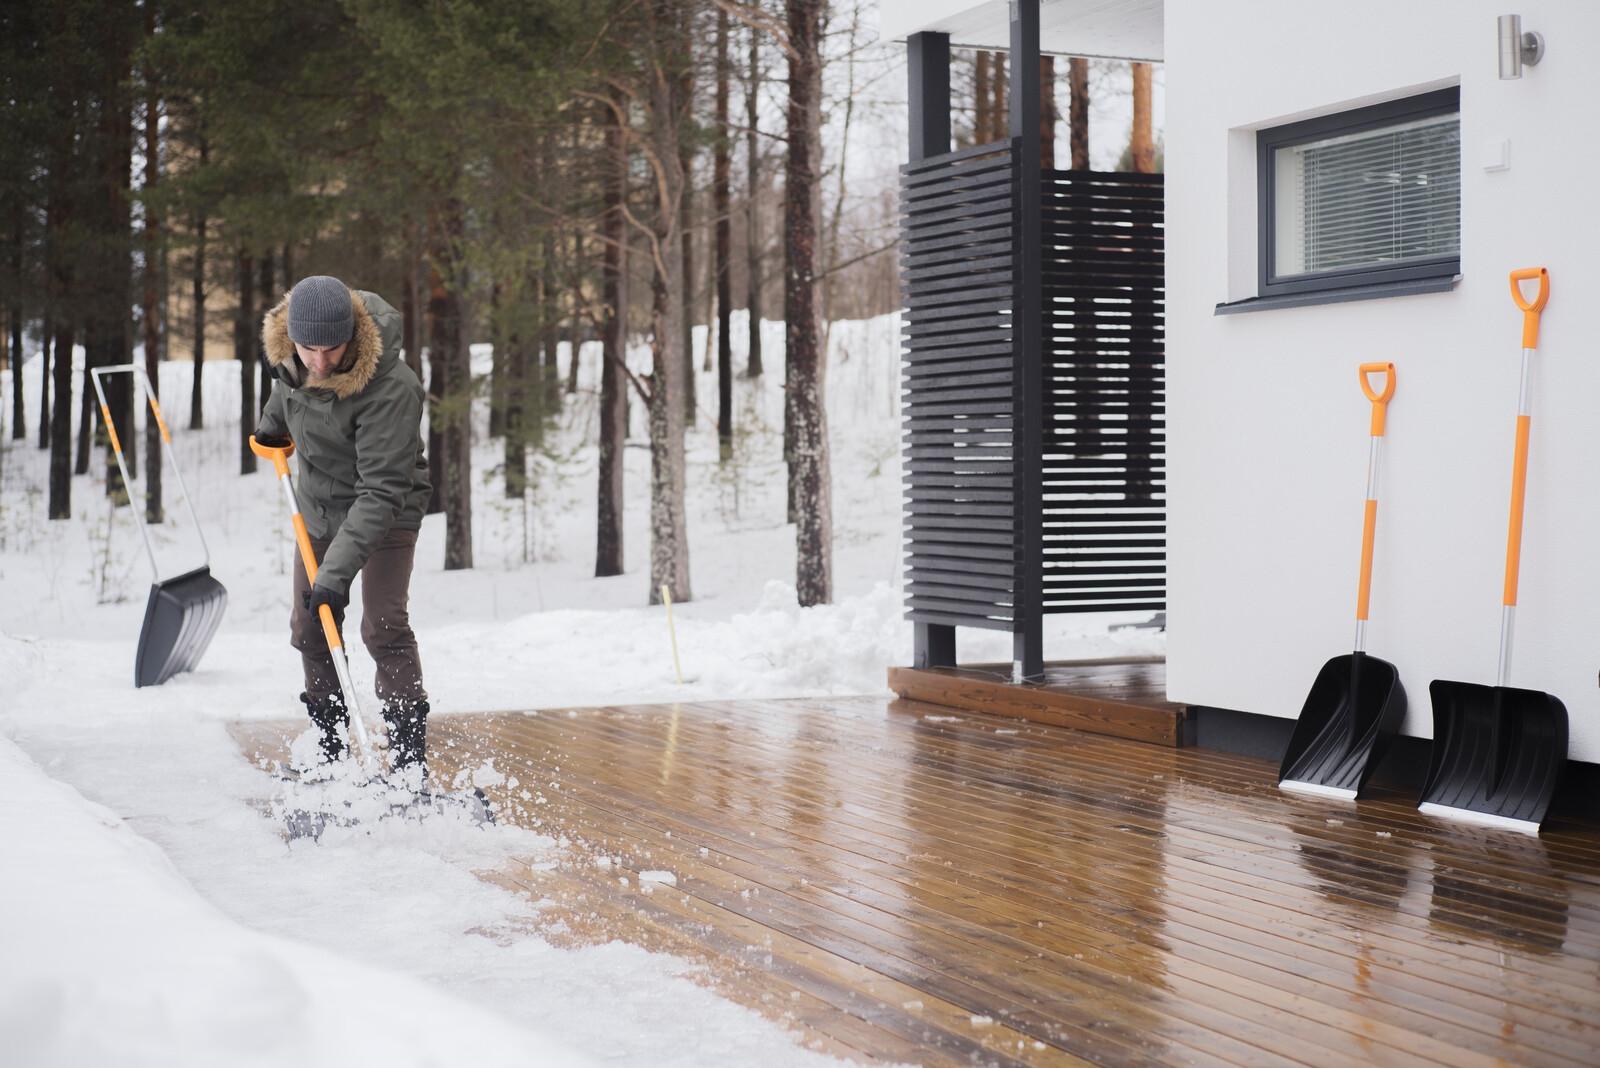 Se správnými nástroji bude úklid sněhu snadnější